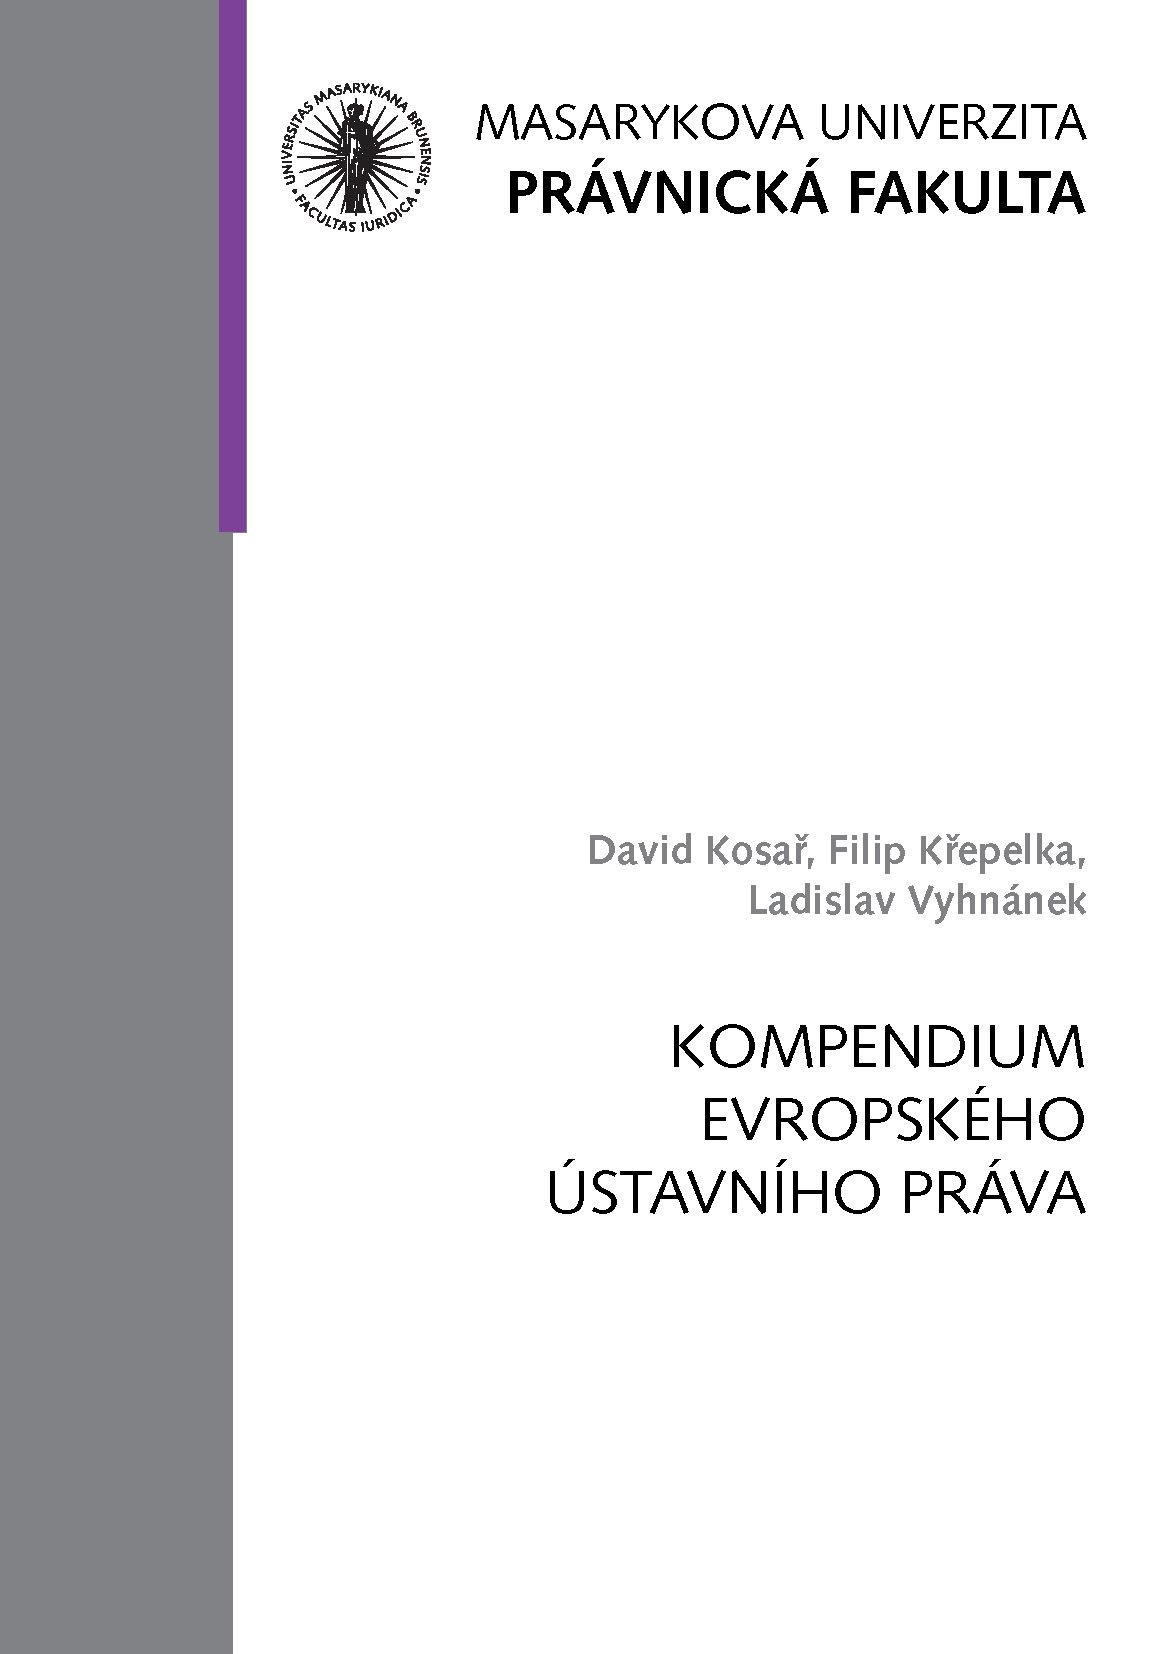 Obálka pro Kompendium evropského ústavního práva